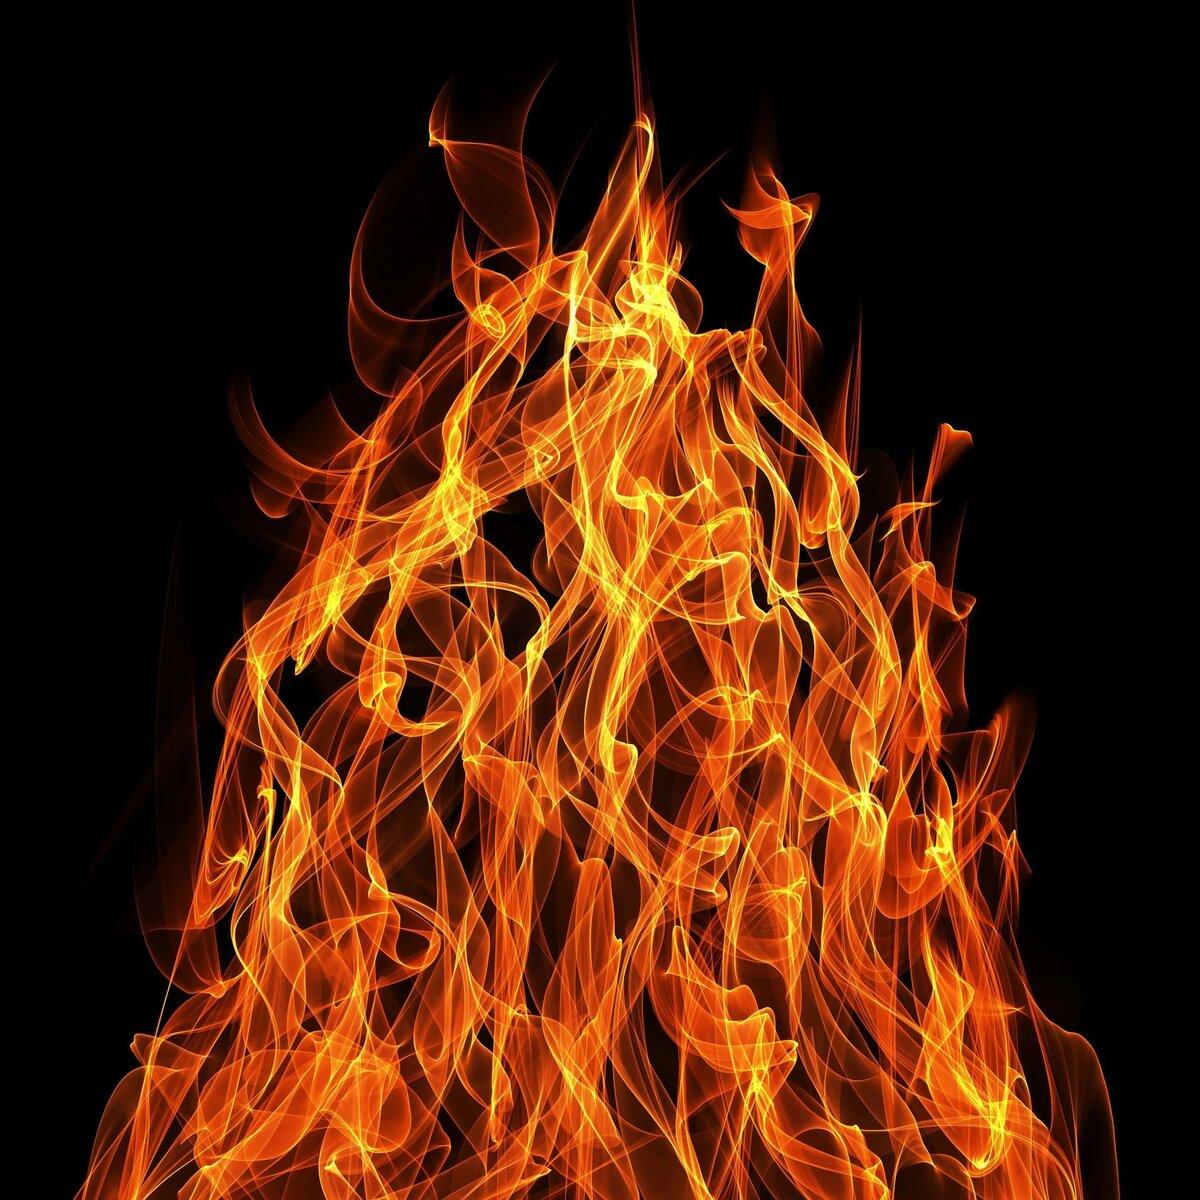 Картинка с пылающим огнем